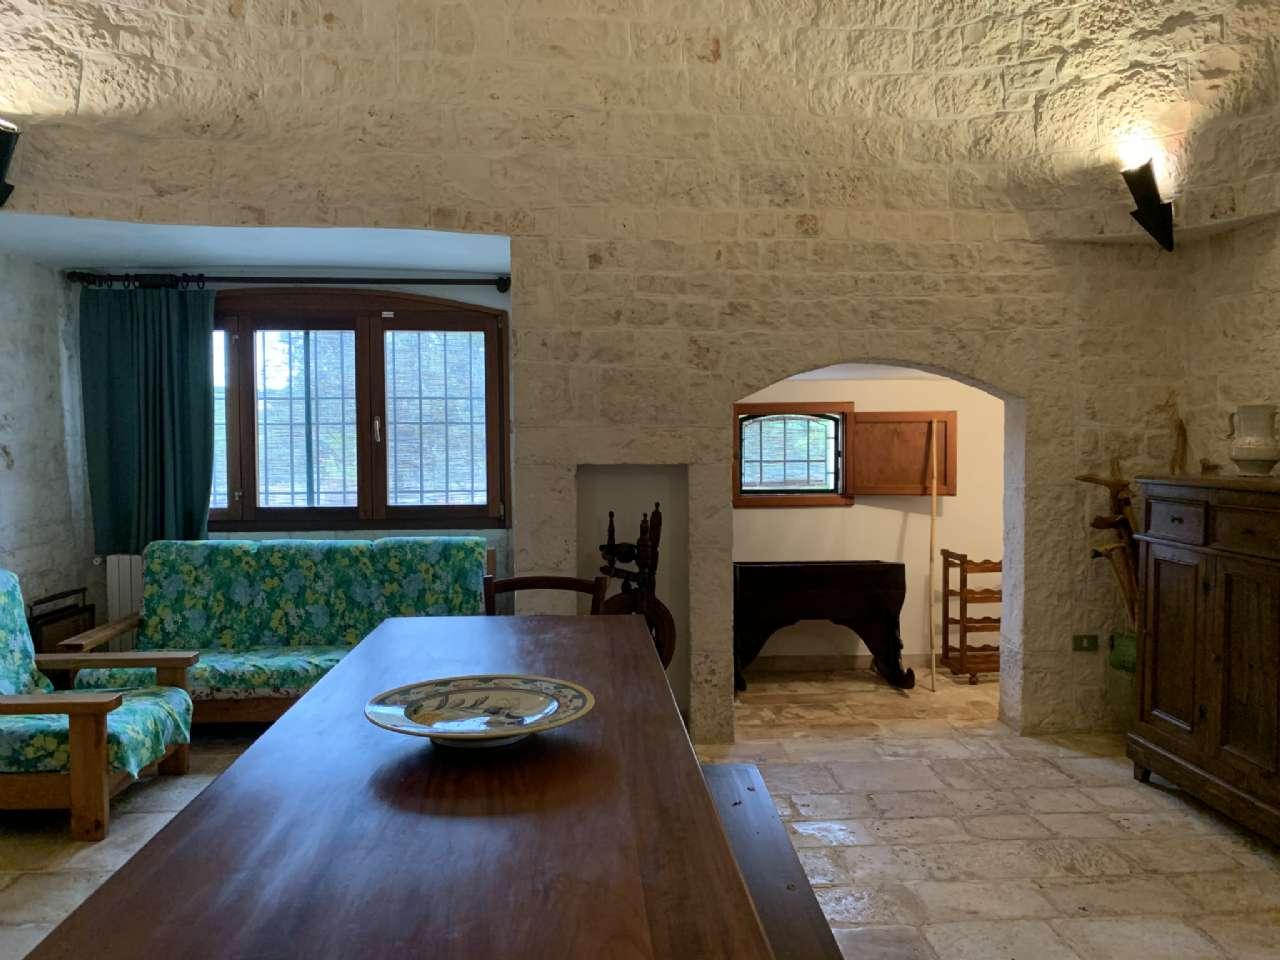 Complesso in pietra ristrutturato formato da trulli e lamie con giardino, foto 4